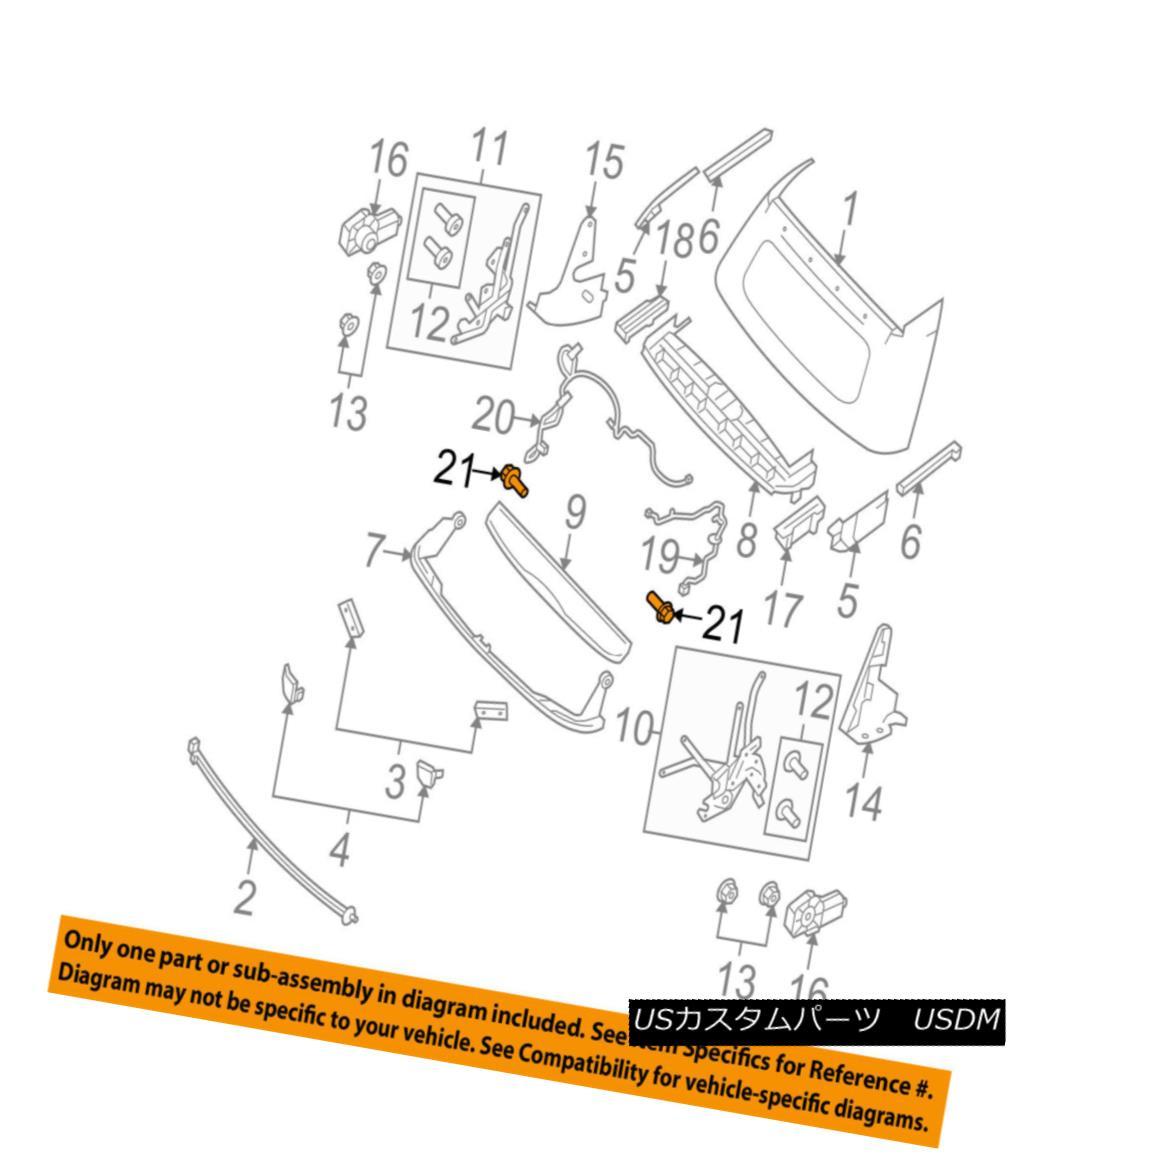 幌・ソフトトップ SMART OEM 08-16 Fortwo Convertible/soft Top-Wire Harness Fastener 4517760241 スマートOEM 08-16 Fortwo Convertible / so ftトップワイヤーハーネスファスナー4517760241